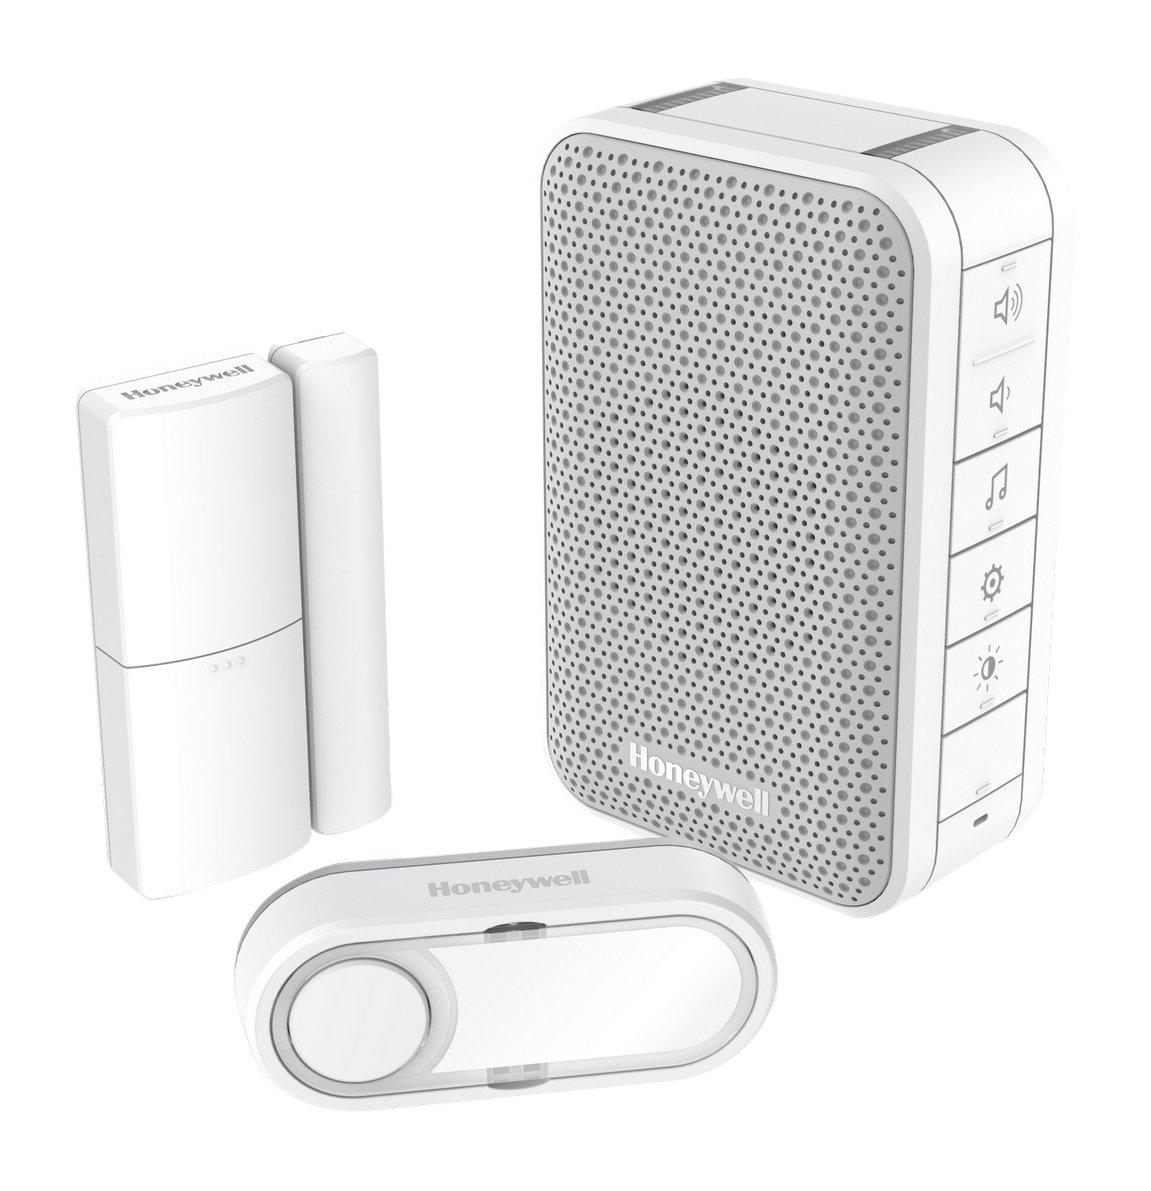 Honeywell 302200204 Set timbre inalámbrico, pulsador y detector puerta: Amazon.es: Bricolaje y herramientas